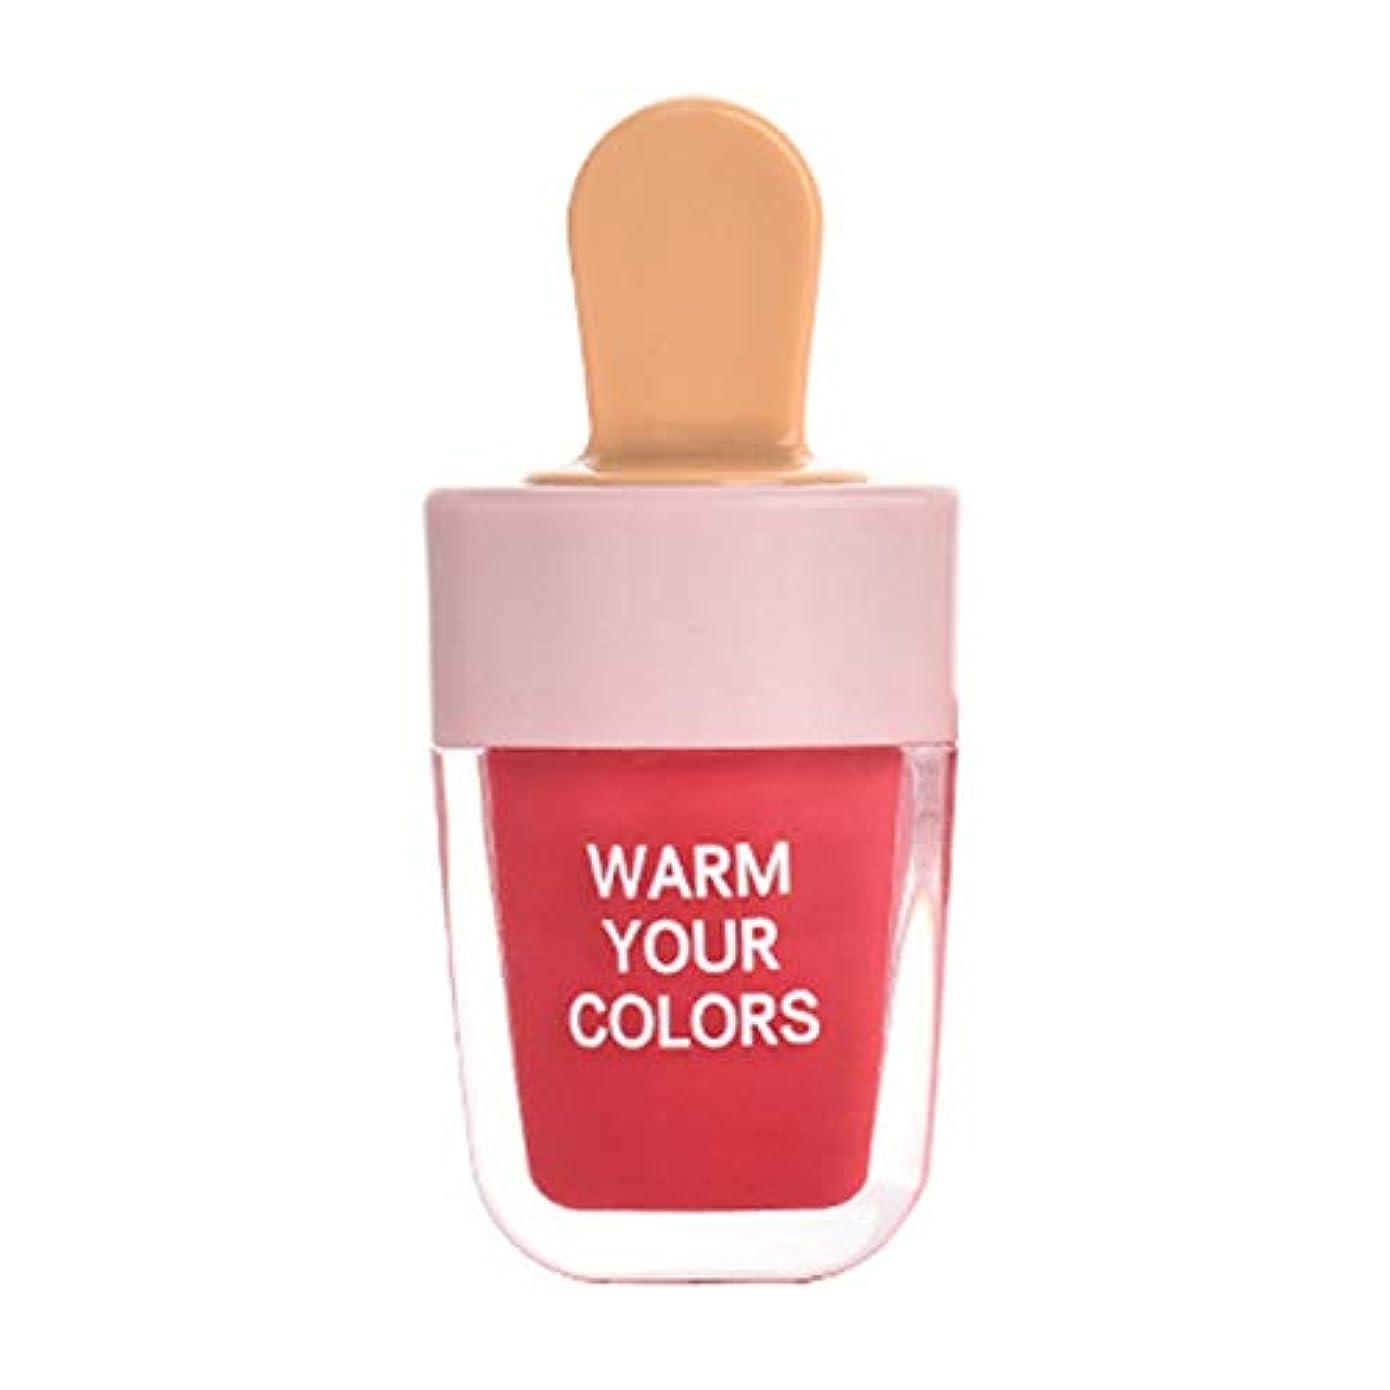 隠す現象バインドRemeeHi 口紅 リップティント アイスクリーム リップスティック リップカラー ラスティング 防水 落ちない メイクアップ メイク道具 化粧品保湿 リップクリーム 韓国風 学生 可愛い